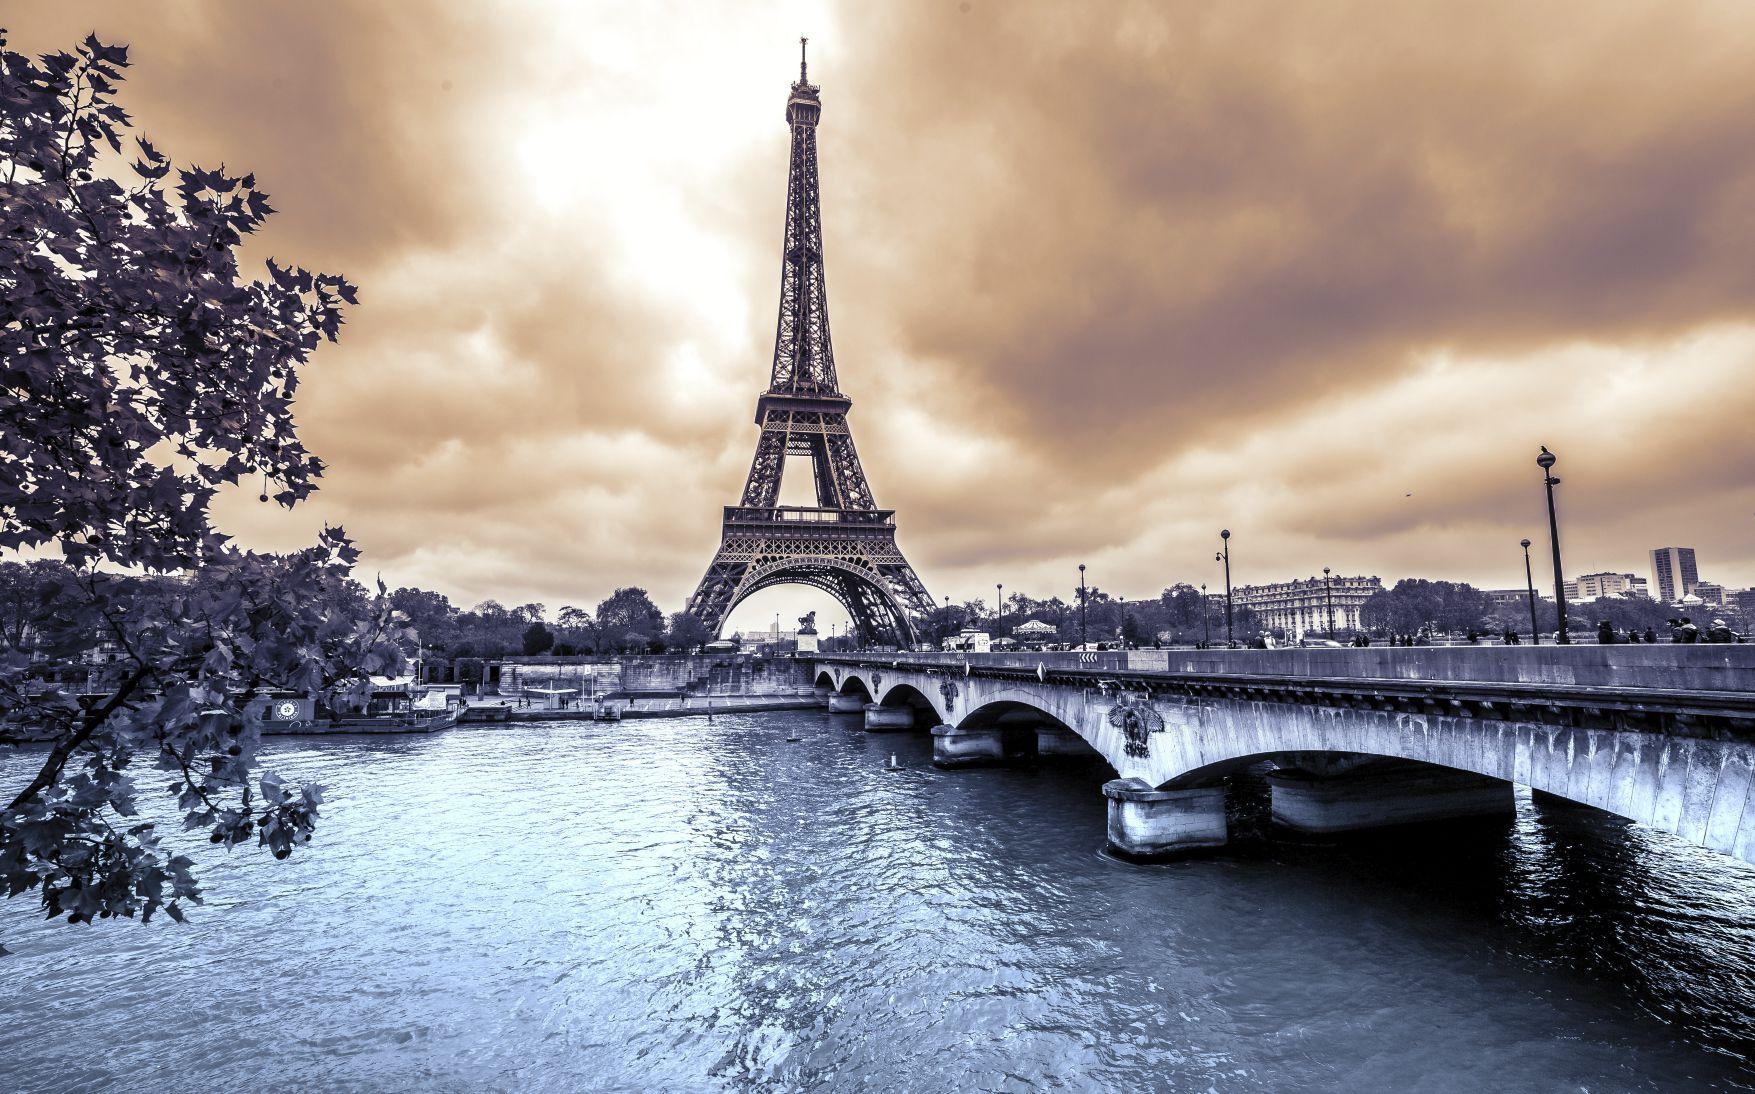 Eiffel Tower from Seine. Winter rainy day in Paris